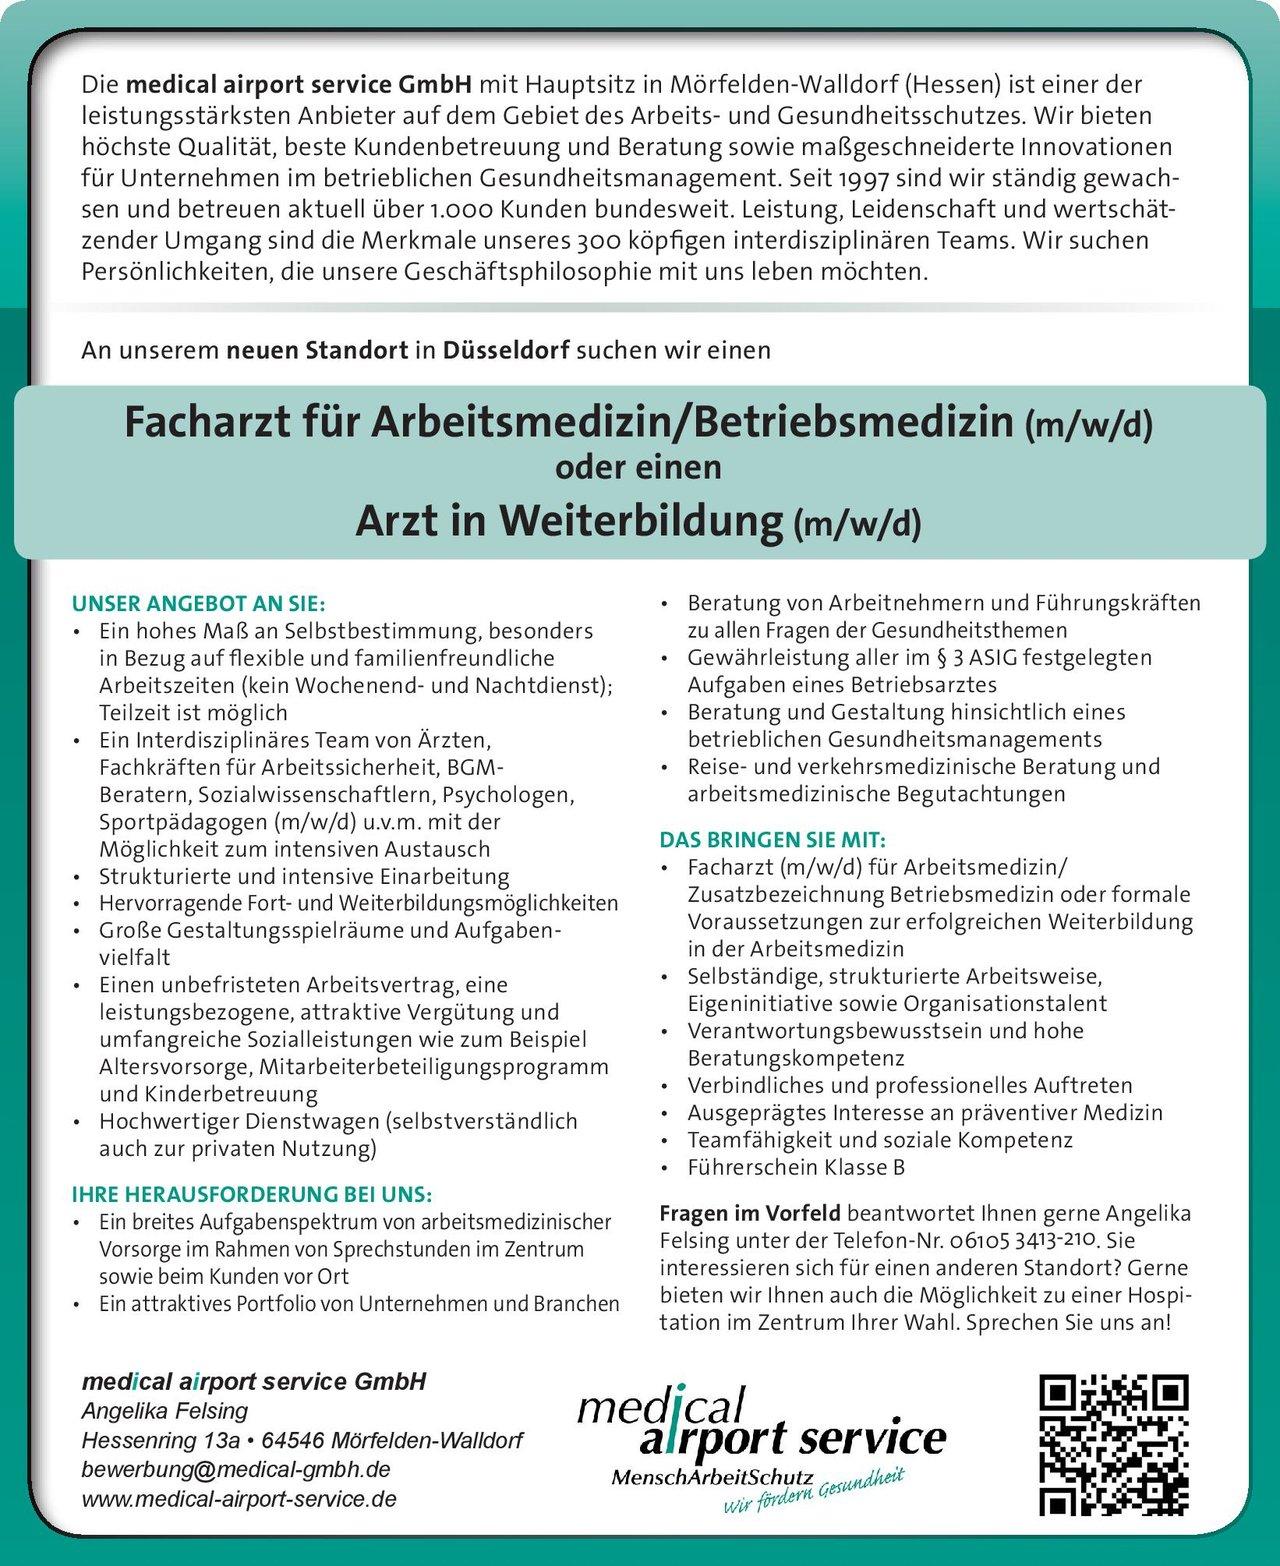 Stellenangebot Facharzt Für Arbeitsmedizinbetriebsmedizin